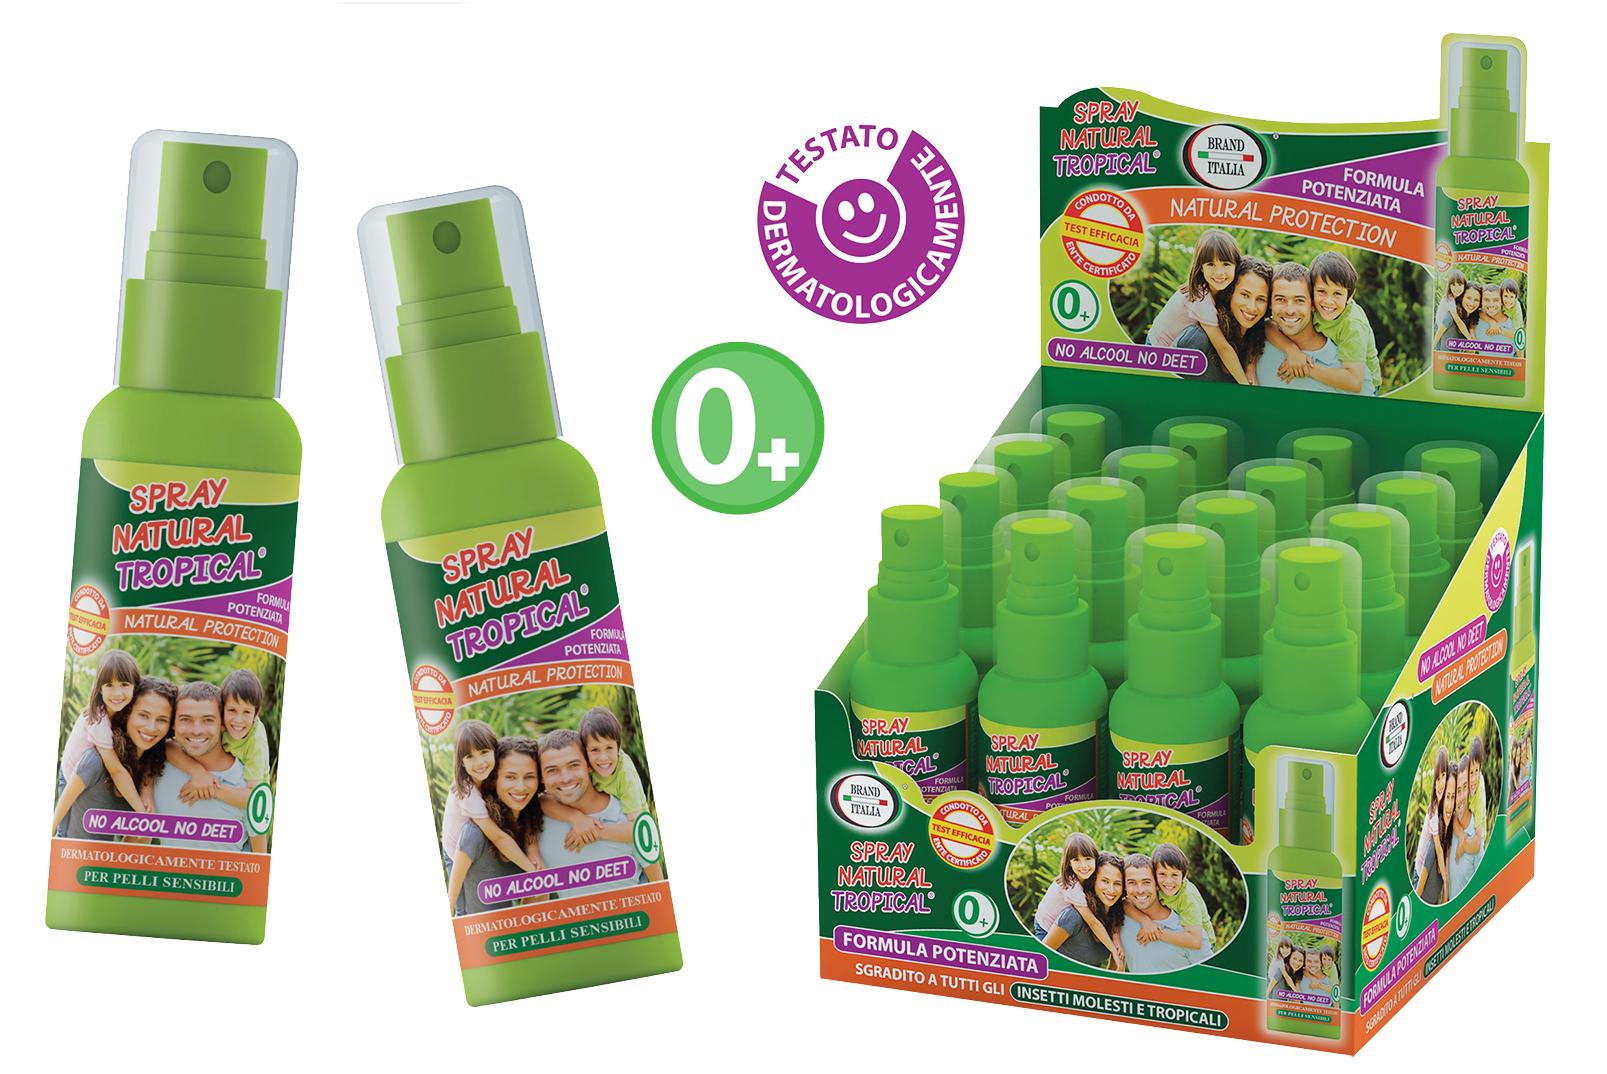 IDEE INNOVATIVE Srl Spray Natural Tropical Protezione Naturale Zanzare 100ml (974893671)